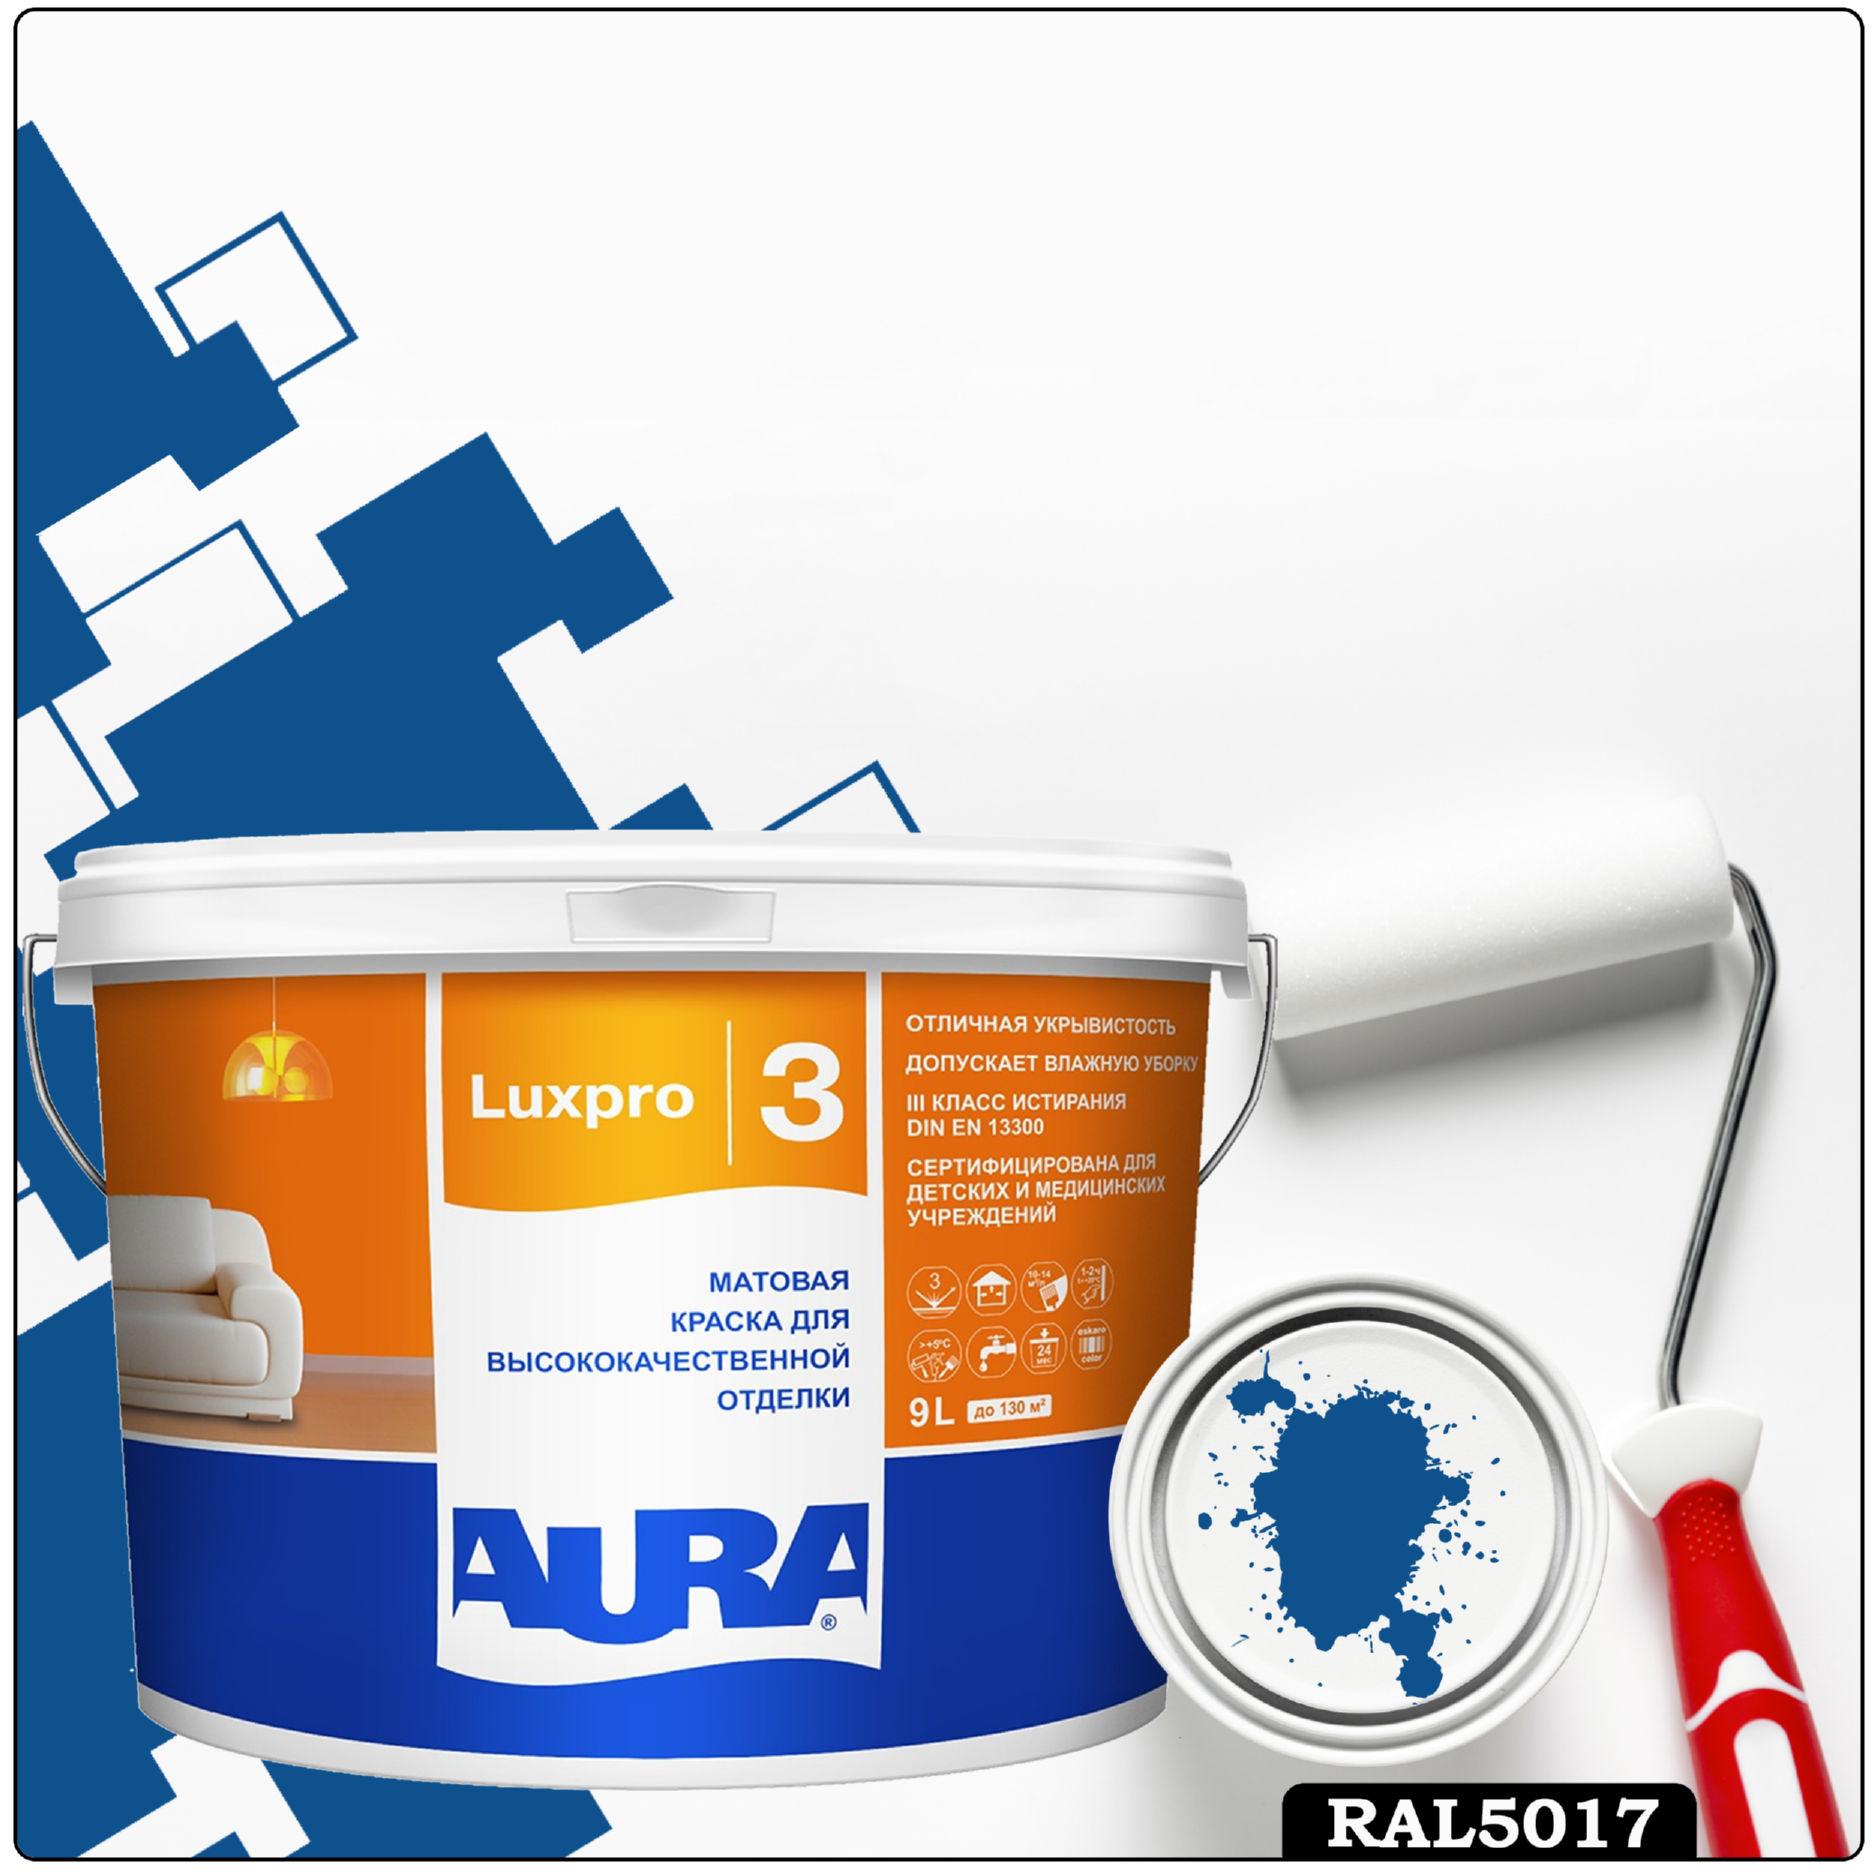 Фото 2 - Краска Aura LuxPRO 3, RAL 5017 Транспортный синий, латексная, шелково-матовая, интерьерная, 9л, Аура.